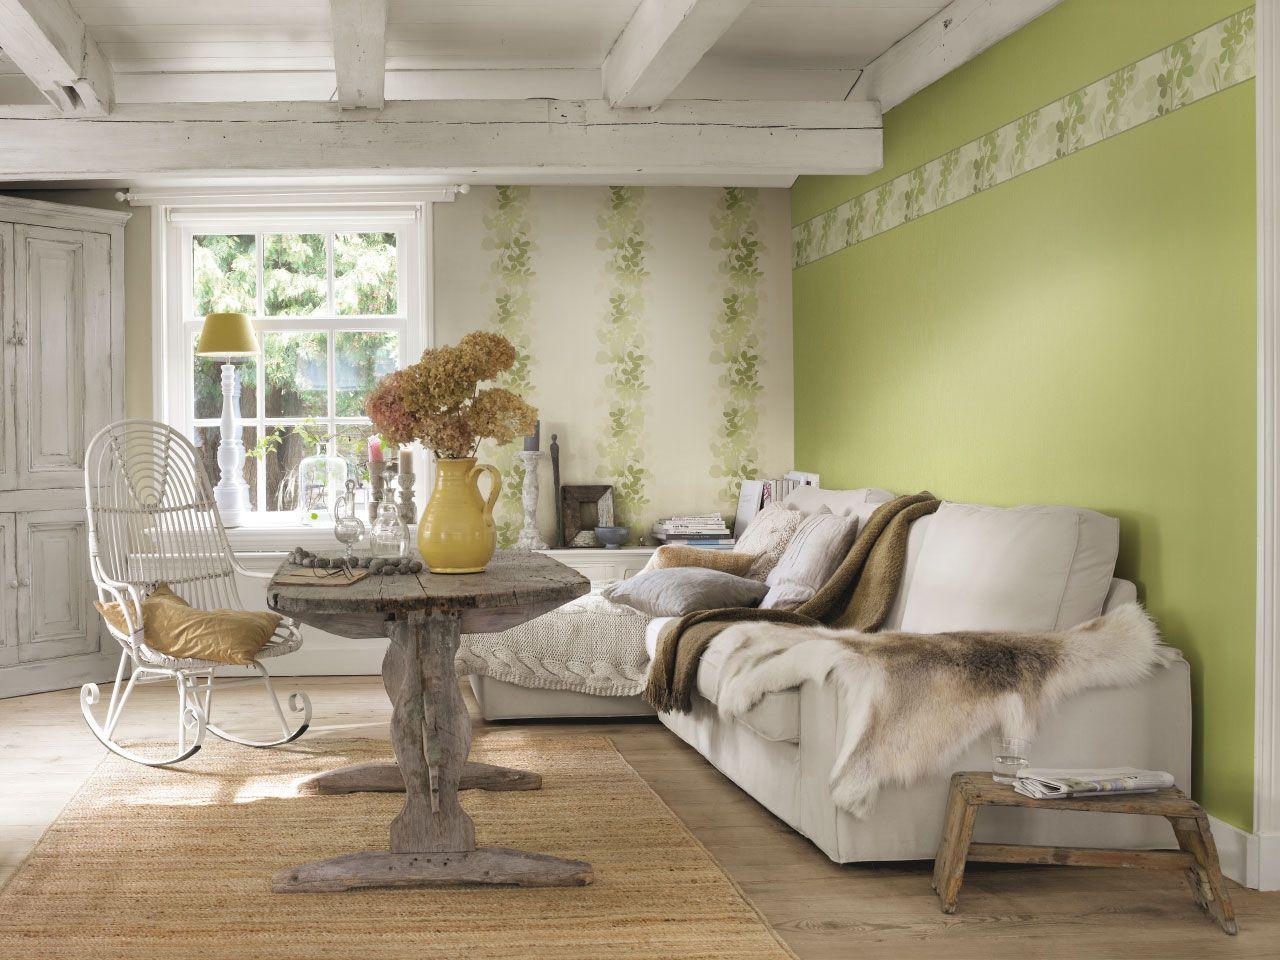 tapeten schad die raumexperten. Black Bedroom Furniture Sets. Home Design Ideas